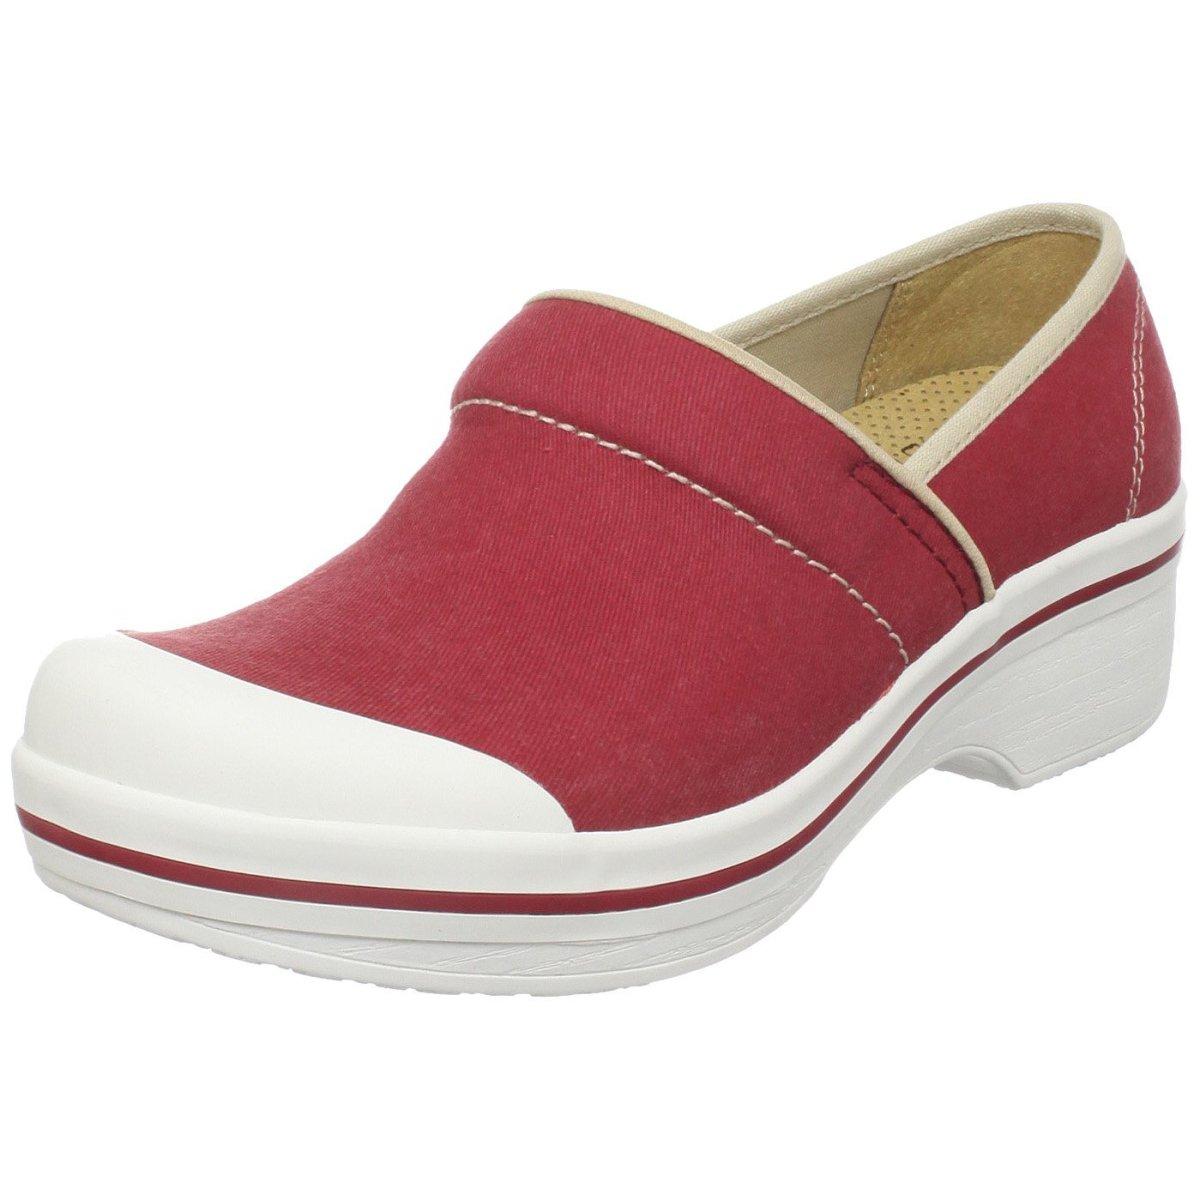 Among the best shoes for nurses are Dansko nurse shoes.